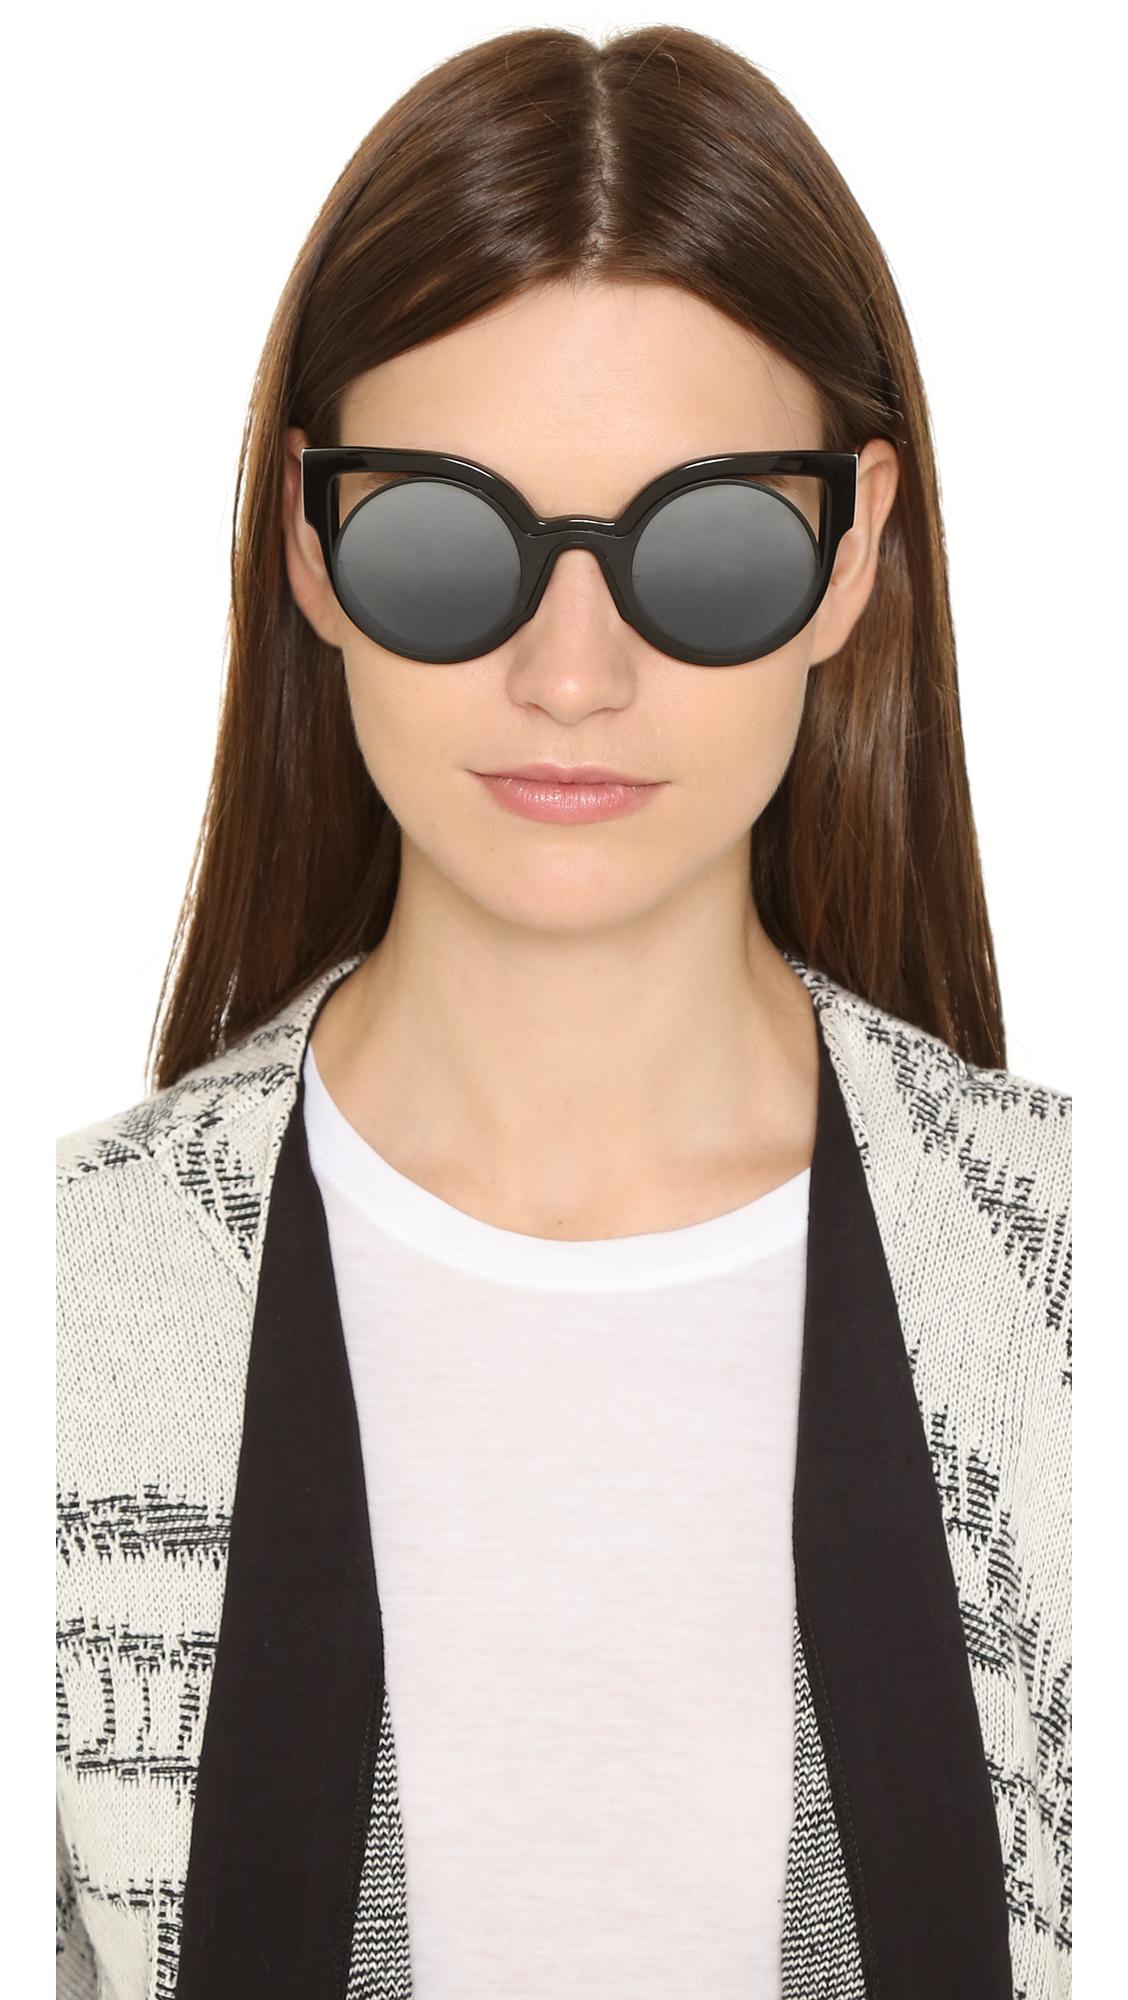 ce805eb29ba1a Lyst - Fendi Round Cutout Sunglasses - Glitter White silver in Black